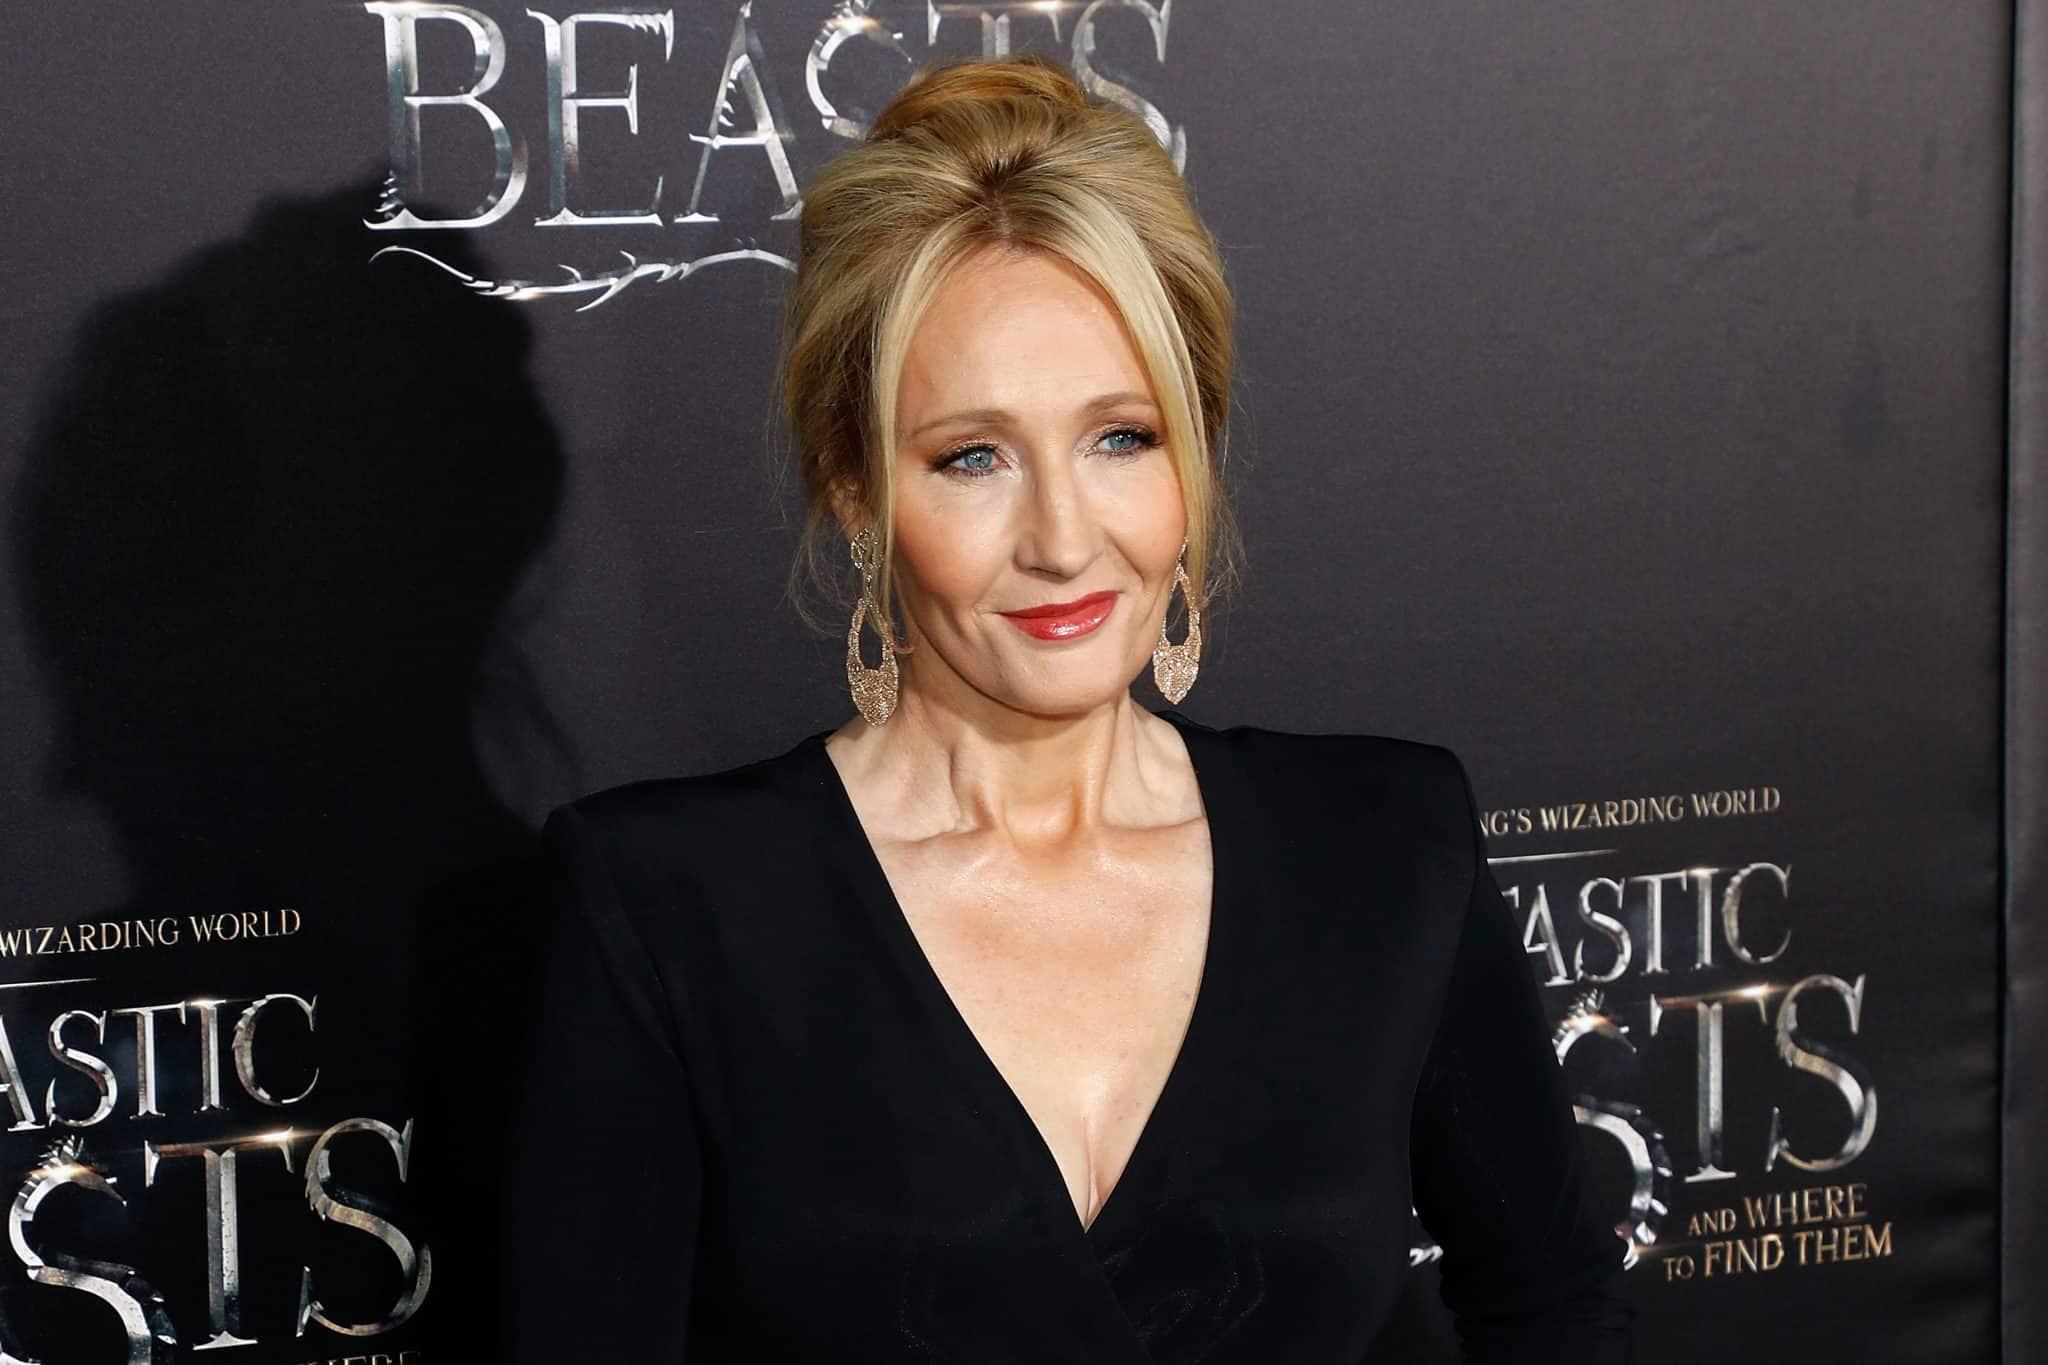 Spisovateľka knižnej série Harry Potter a scenáristka filmovej série Fantastické Zvery, J.K. Rowlingová